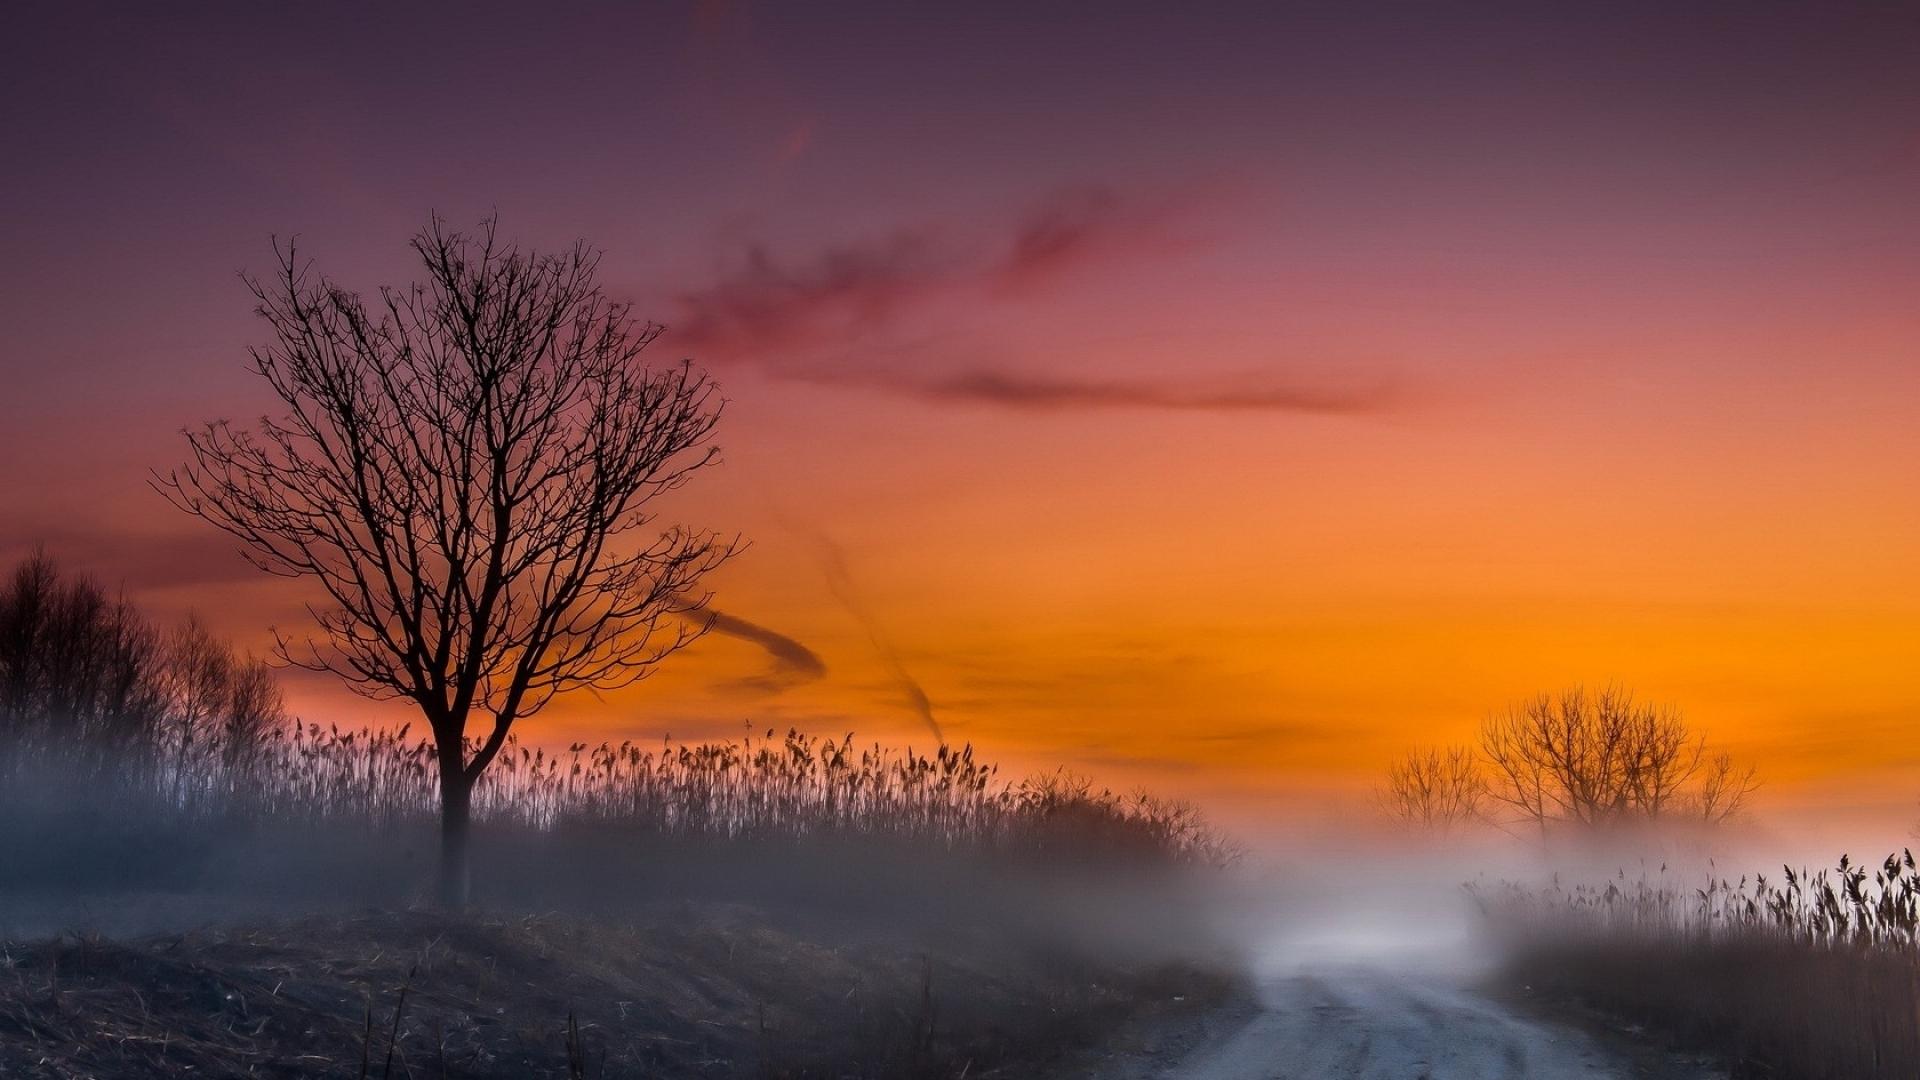 ÜÇÜNCÜ ANTLAŞMA Bölüm 7... Ruhi öğretinin etkisi ve anlamı